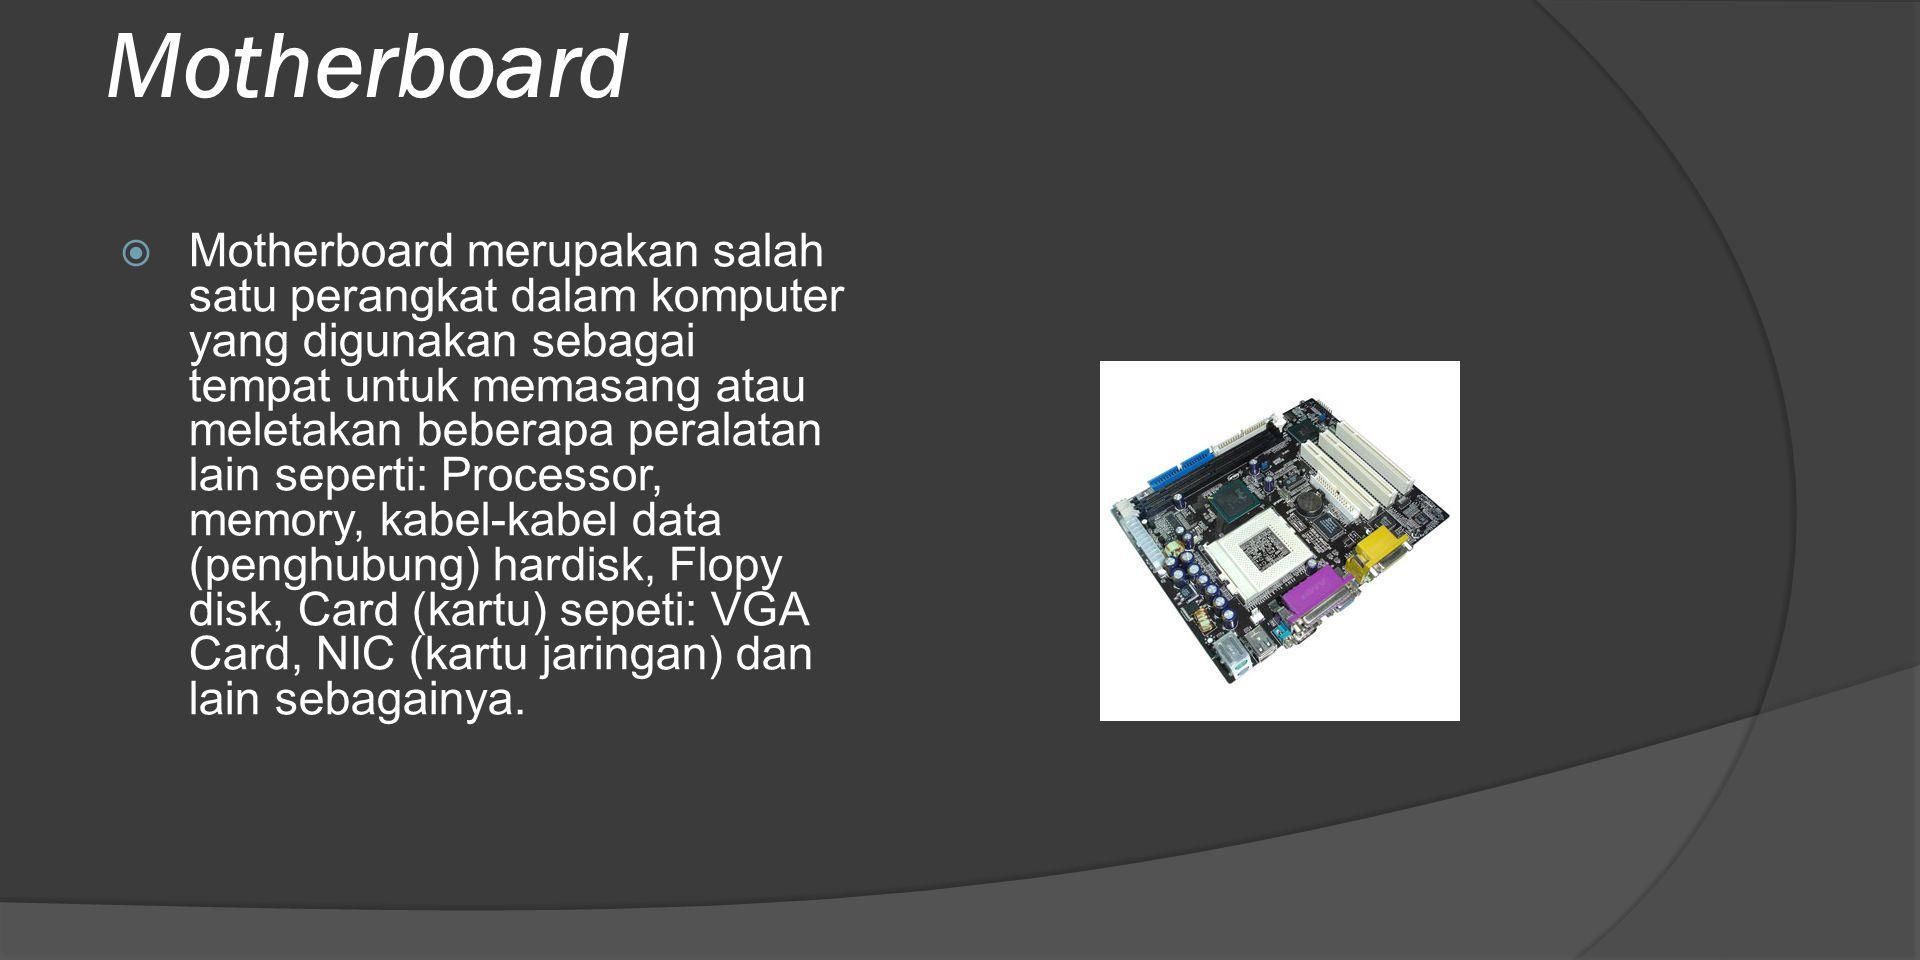 Motherboard  Motherboard merupakan salah satu perangkat dalam komputer yang digunakan sebagai tempat untuk memasang atau meletakan beberapa peralatan lain seperti: Processor, memory, kabel-kabel data (penghubung) hardisk, Flopy disk, Card (kartu) sepeti: VGA Card, NIC (kartu jaringan) dan lain sebagainya.